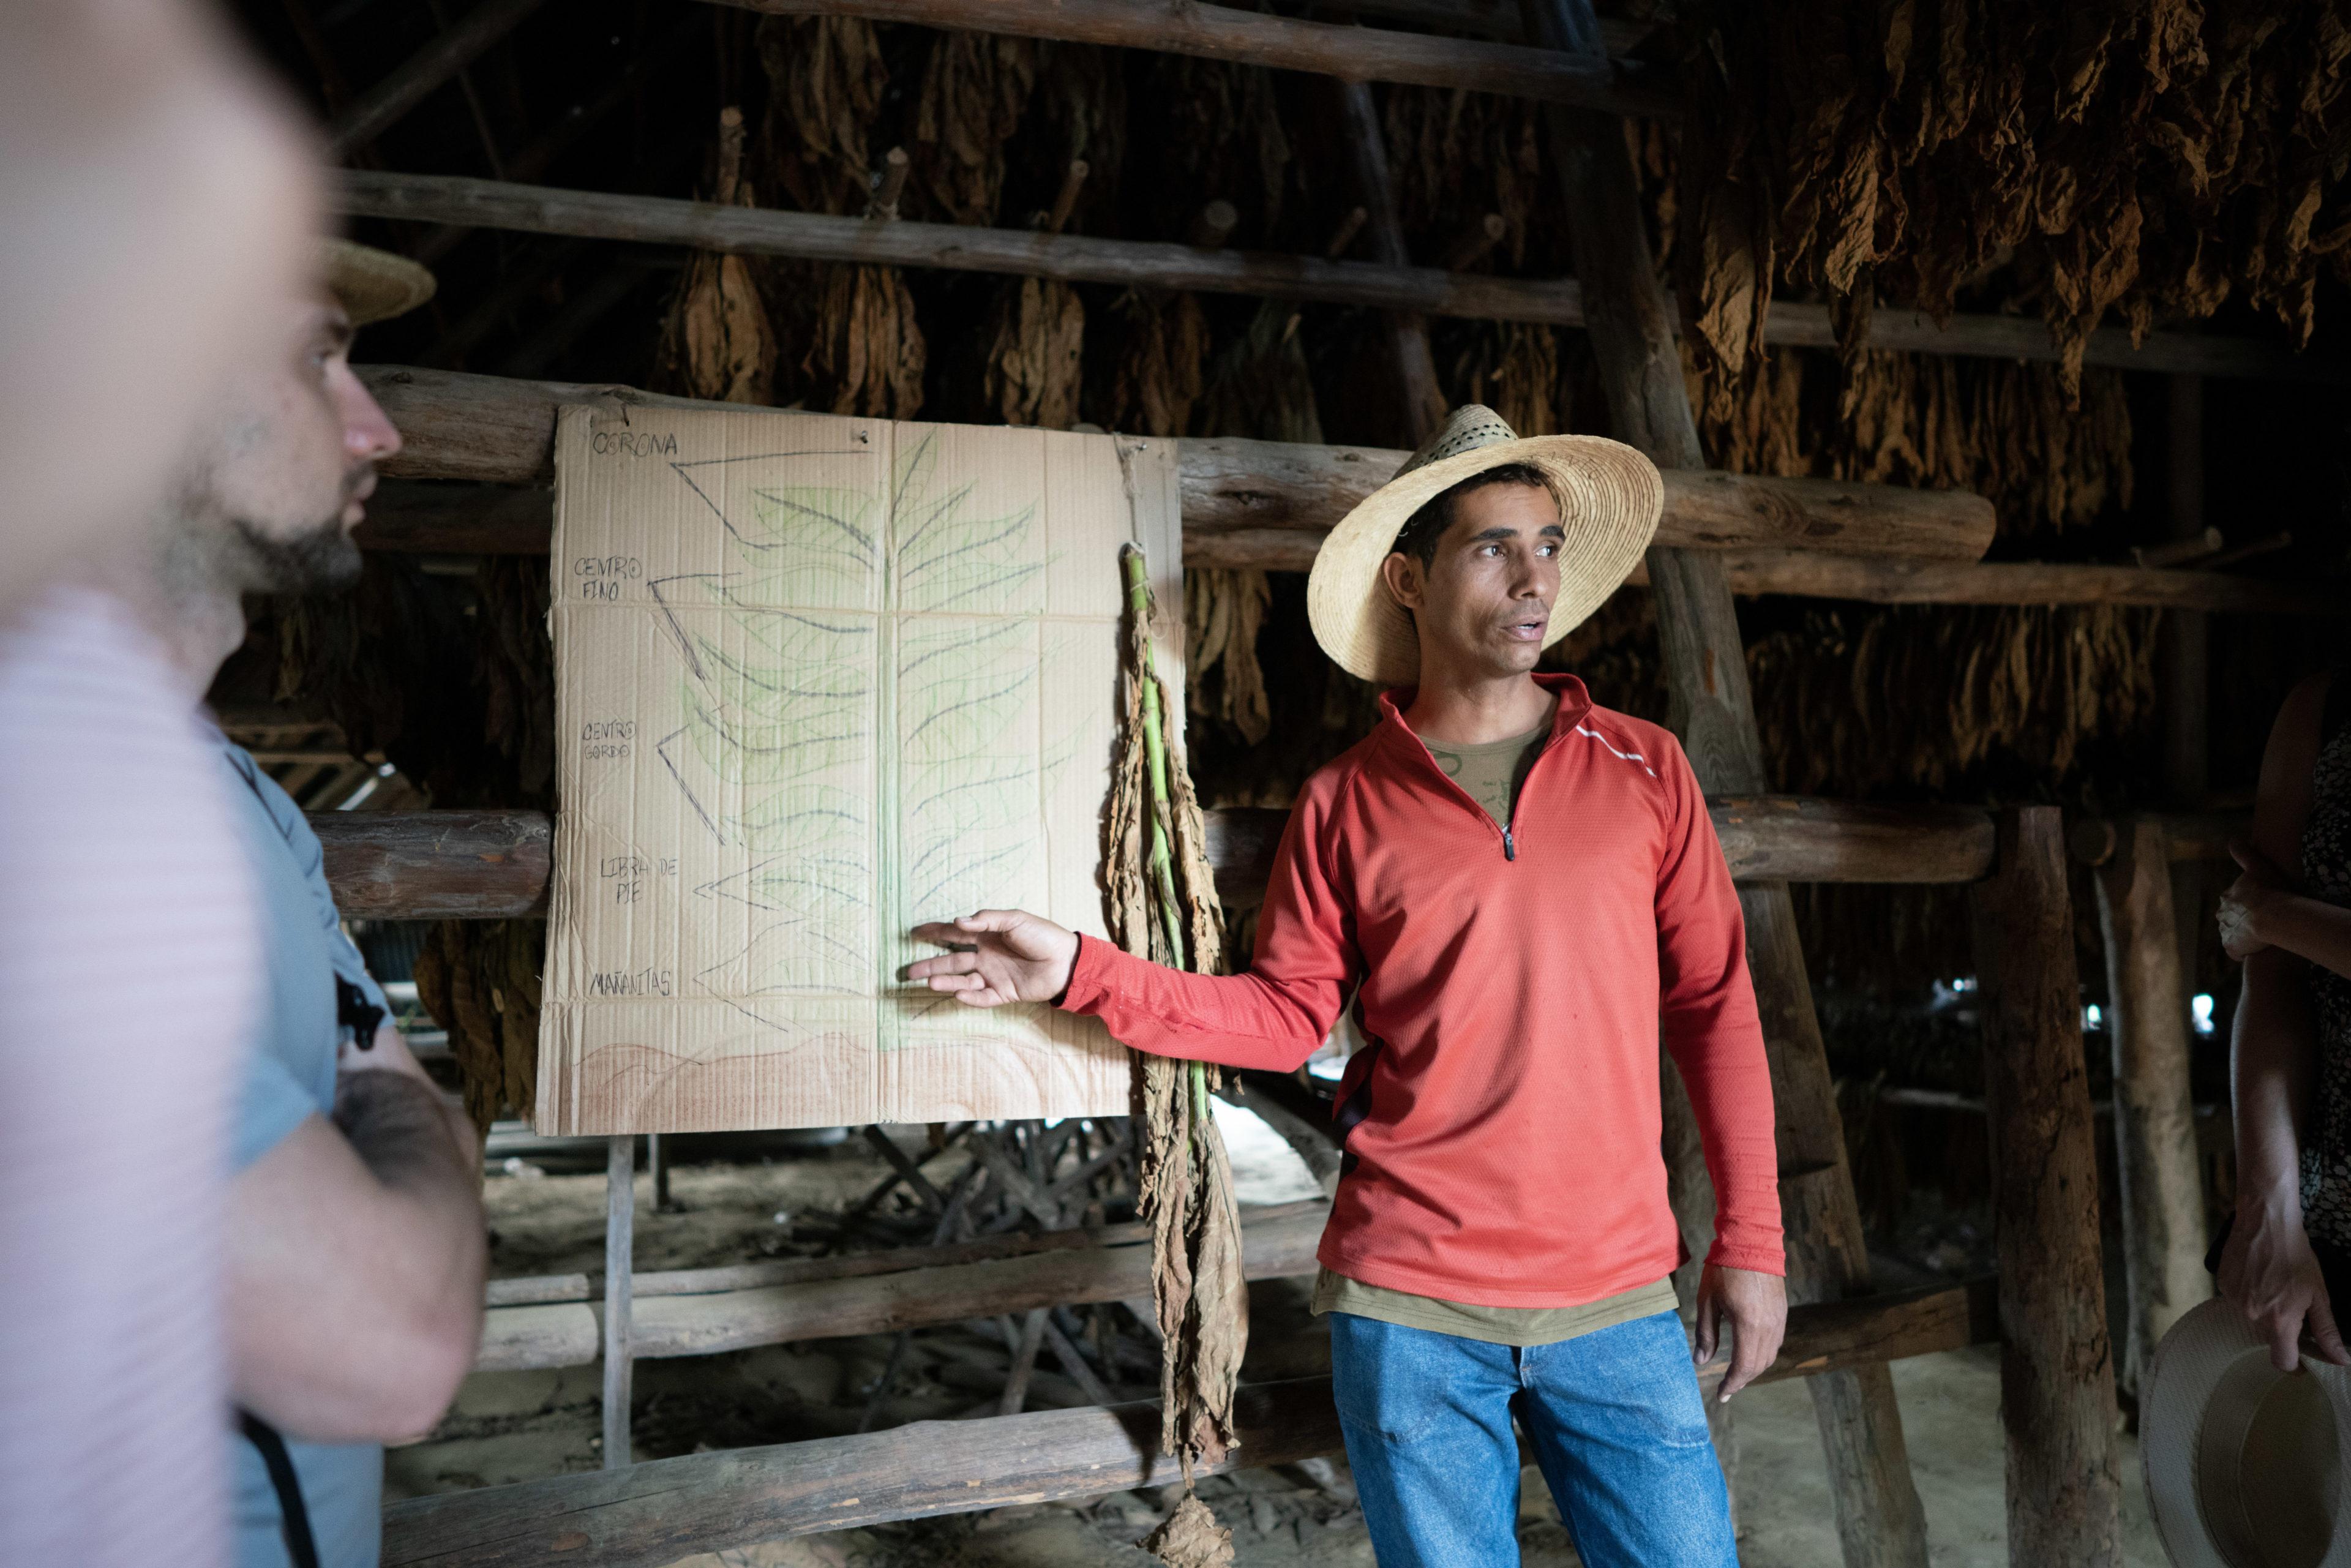 Ein kubanischer Tabakbauer erklärt die Produktionsprozess von Tabakblätter.